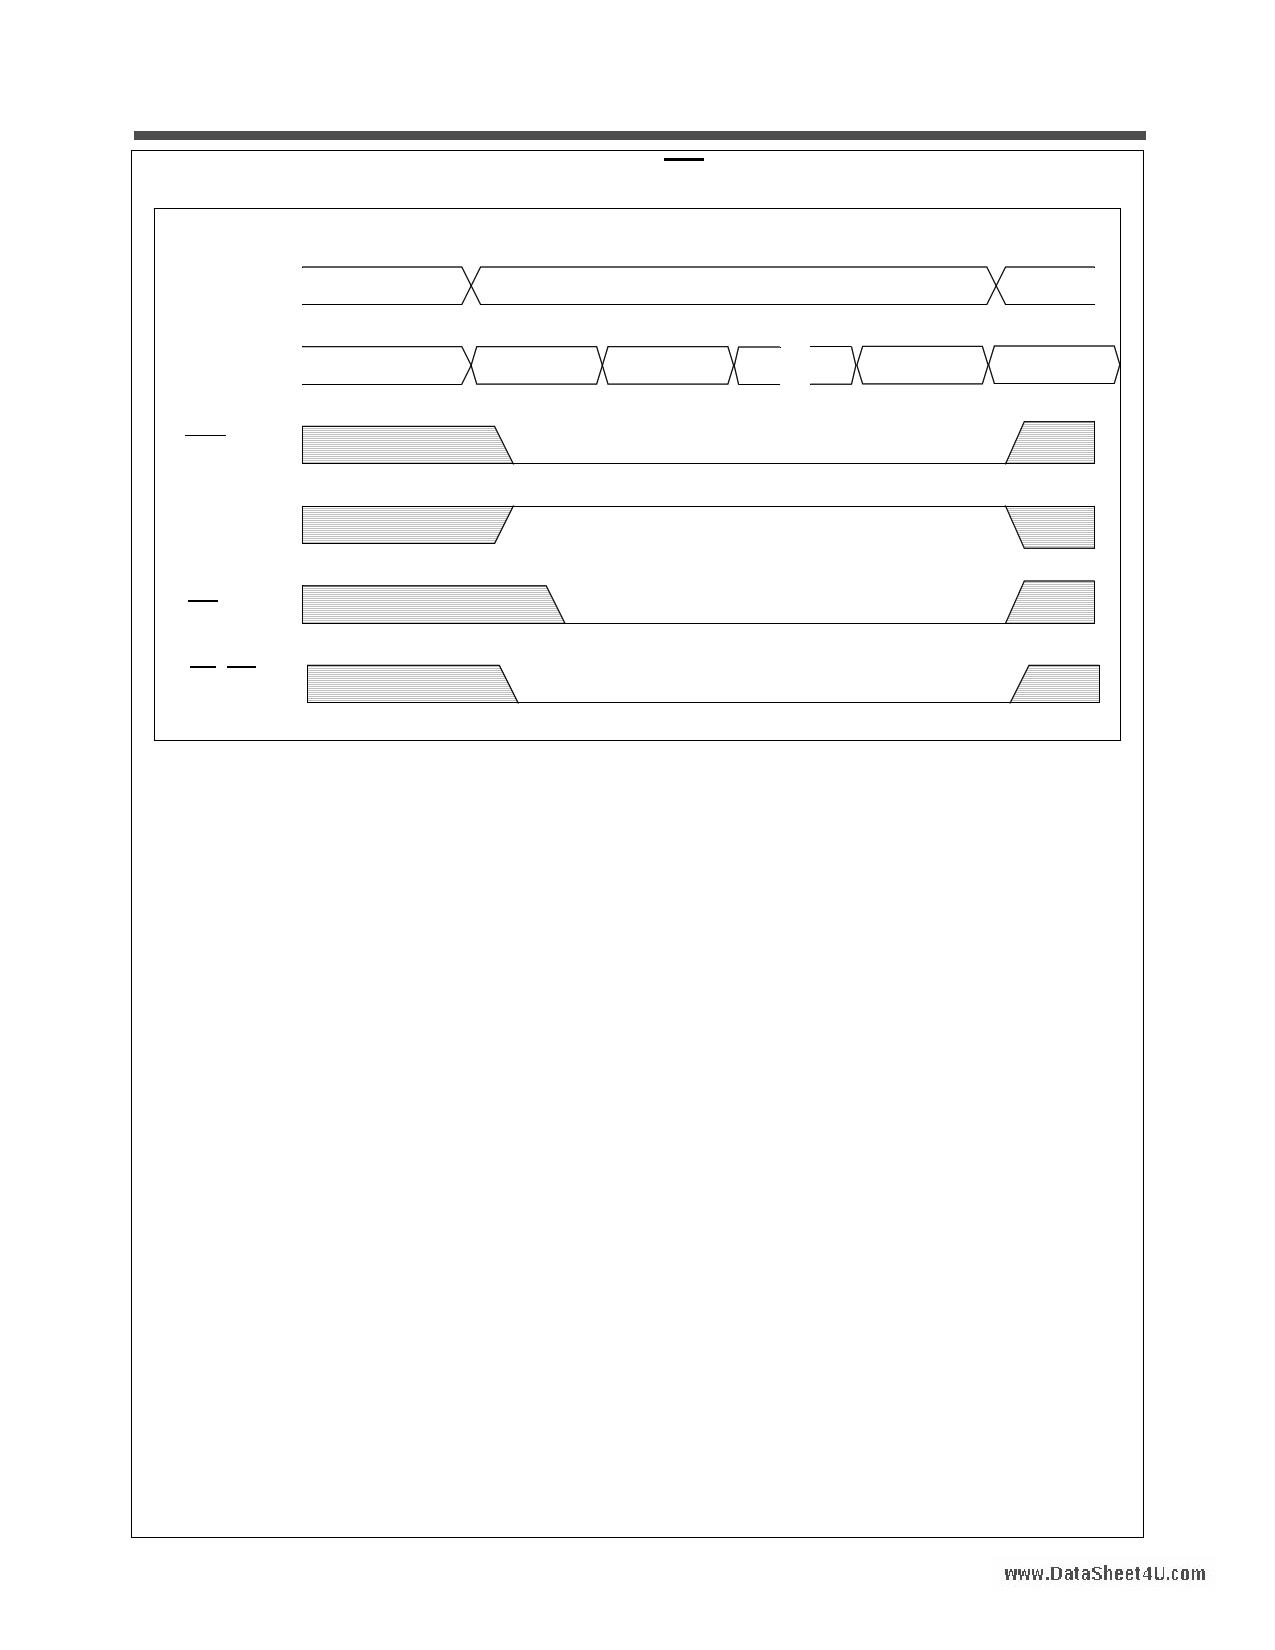 N02L63W2A pdf